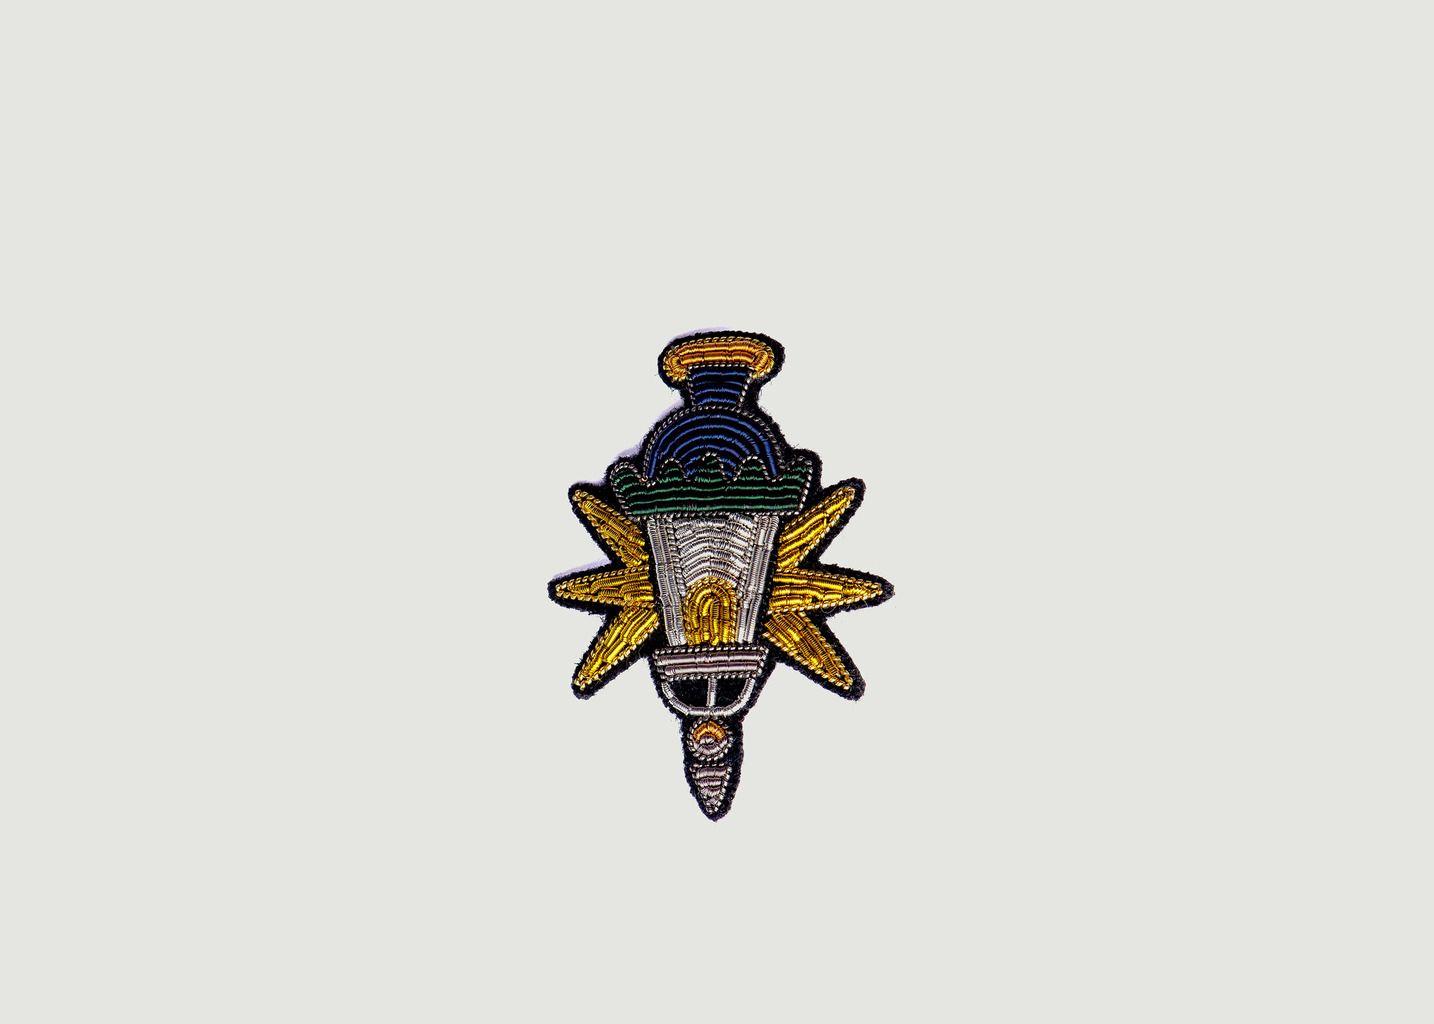 Broche Brodée Tête de Candélabre - Macon & Lesquoy